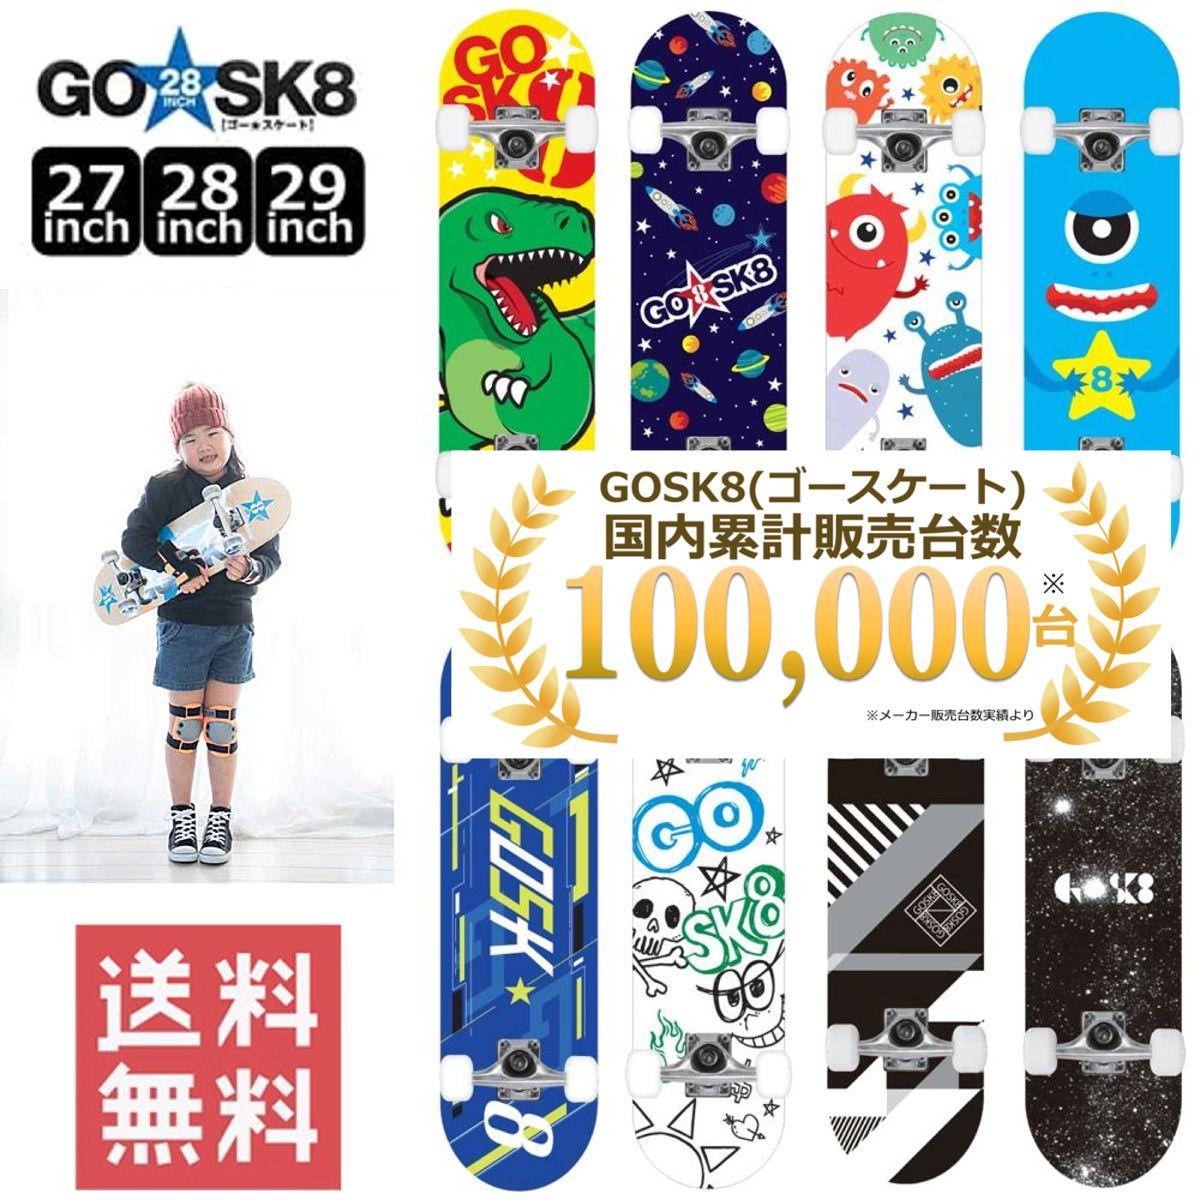 お子様のファーストスケートボードはコレに決まり 贈り物 プレゼント 即納 スケボー スケートボード GOSK8 誕生日 本日限定 キッズ 子供用 コンプリート 海外並行輸入正規品 ゴースケート スケボー女子 初心者